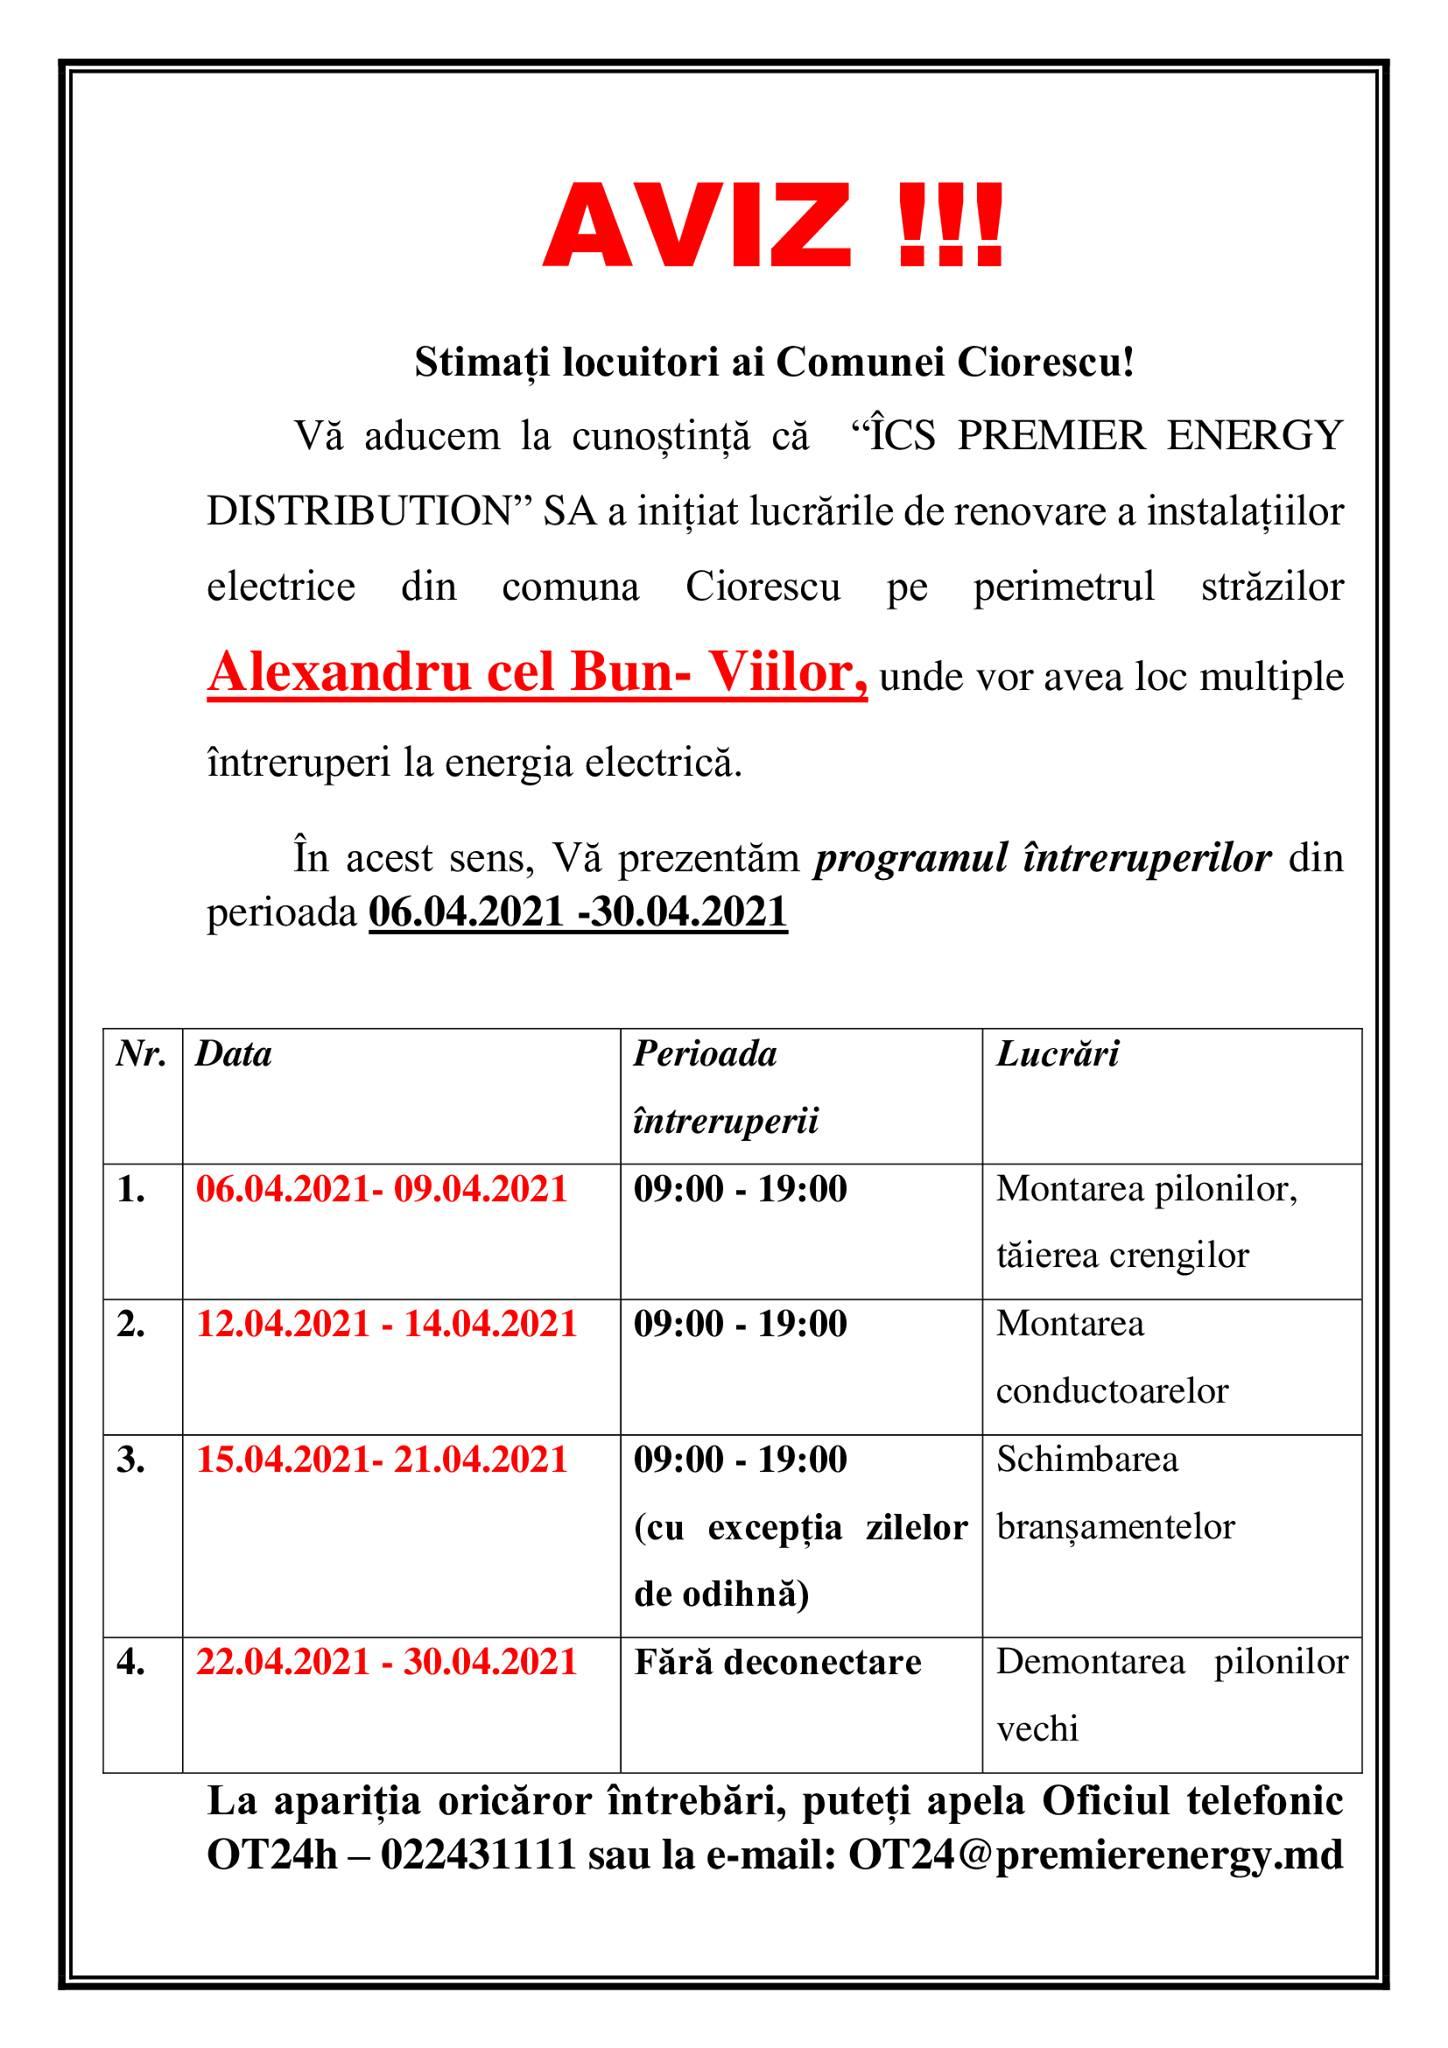 Inițializarea lucrărilor pentru renovarea instalațiilor electrice din Comuna Ciorescu